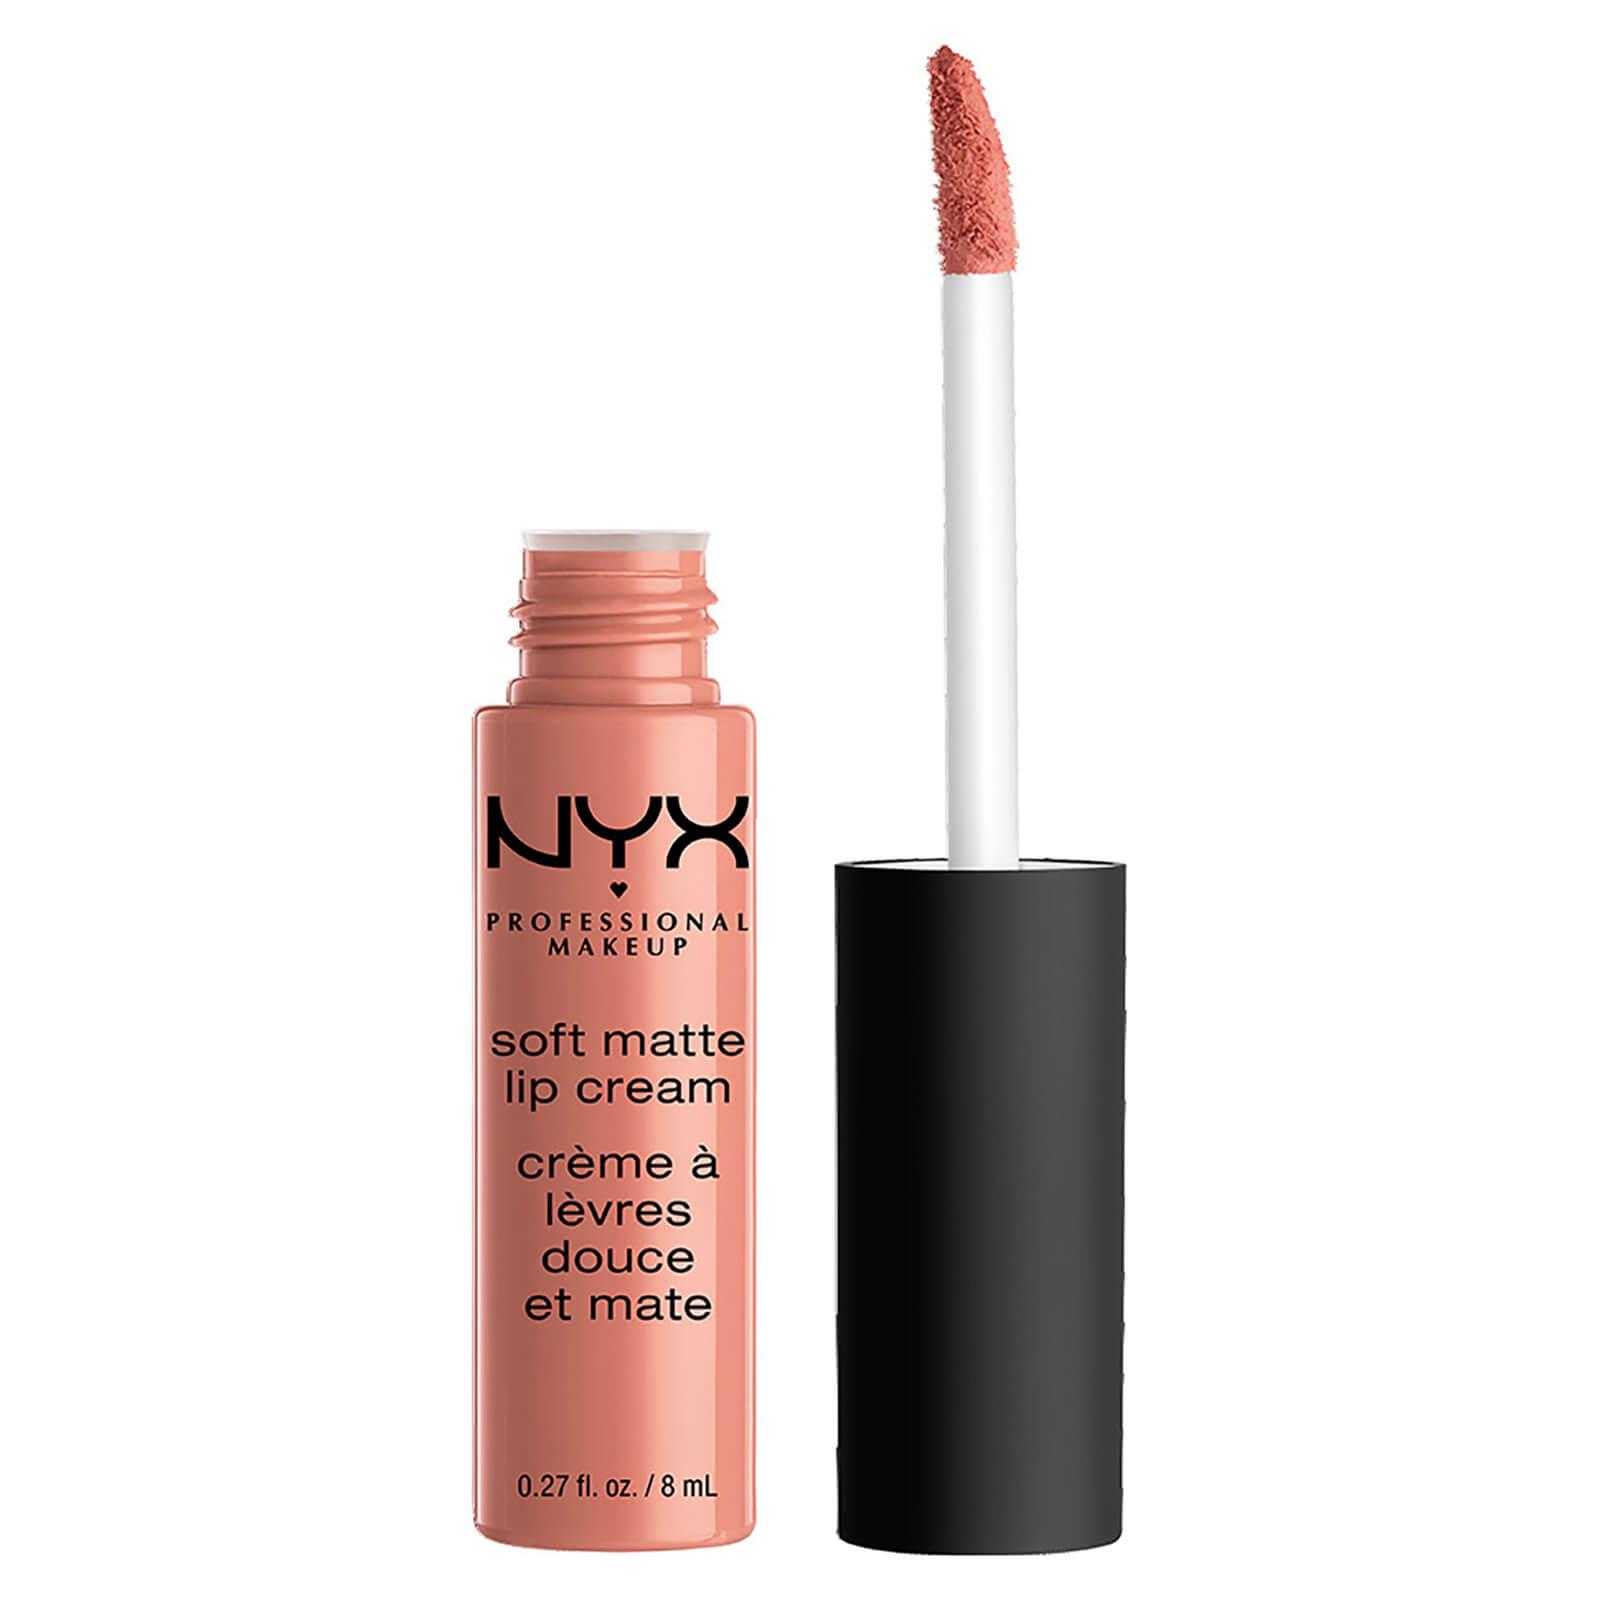 Купить Матовая жидкая помада NYX Professional Makeup Soft Matte Lip Cream (разные оттенки) - Stockholm